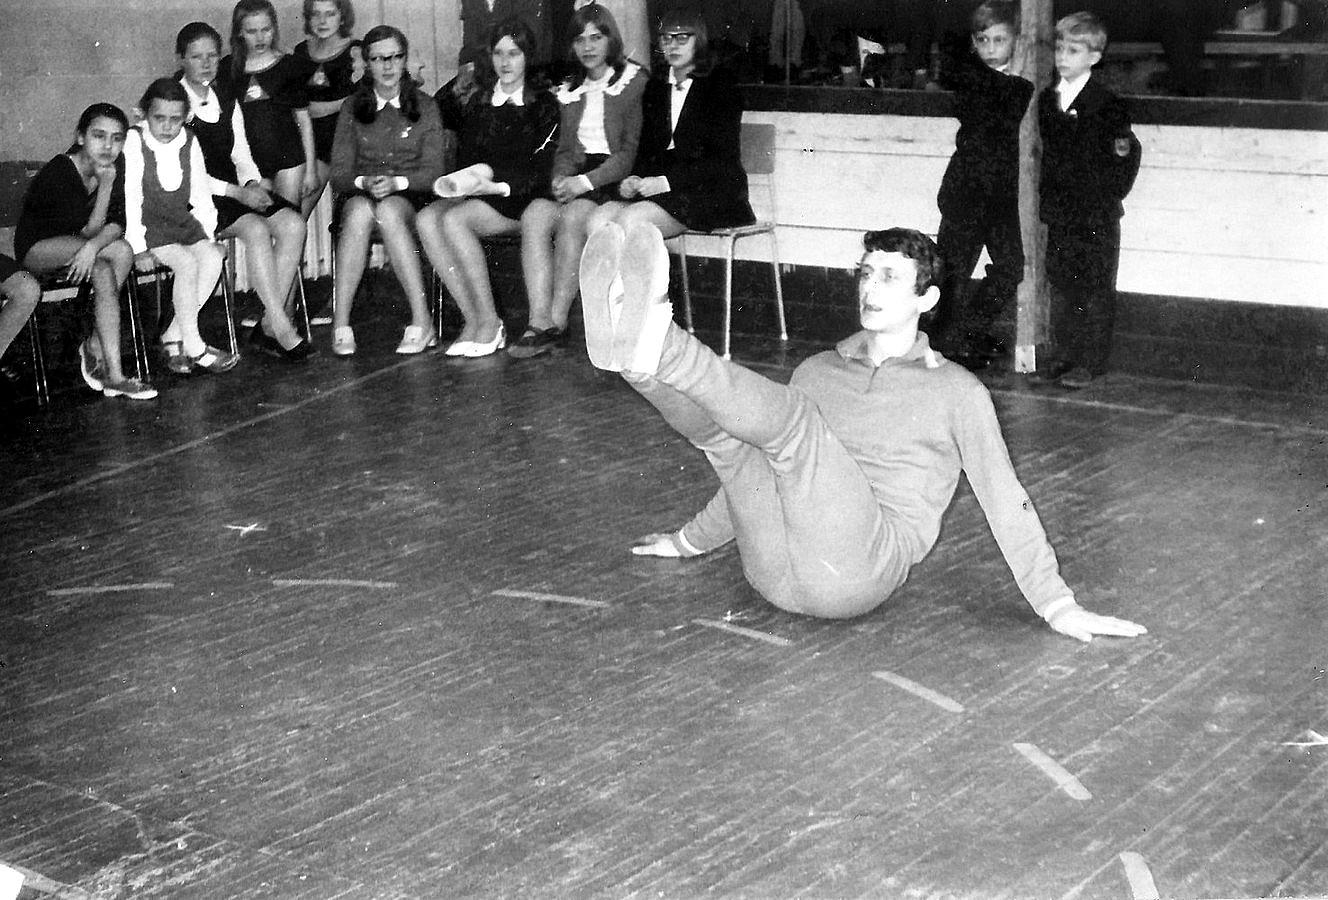 Valles viduskolas fizkultūras skolotājs Ojārs Dmitrijevs 1970-tie gadi